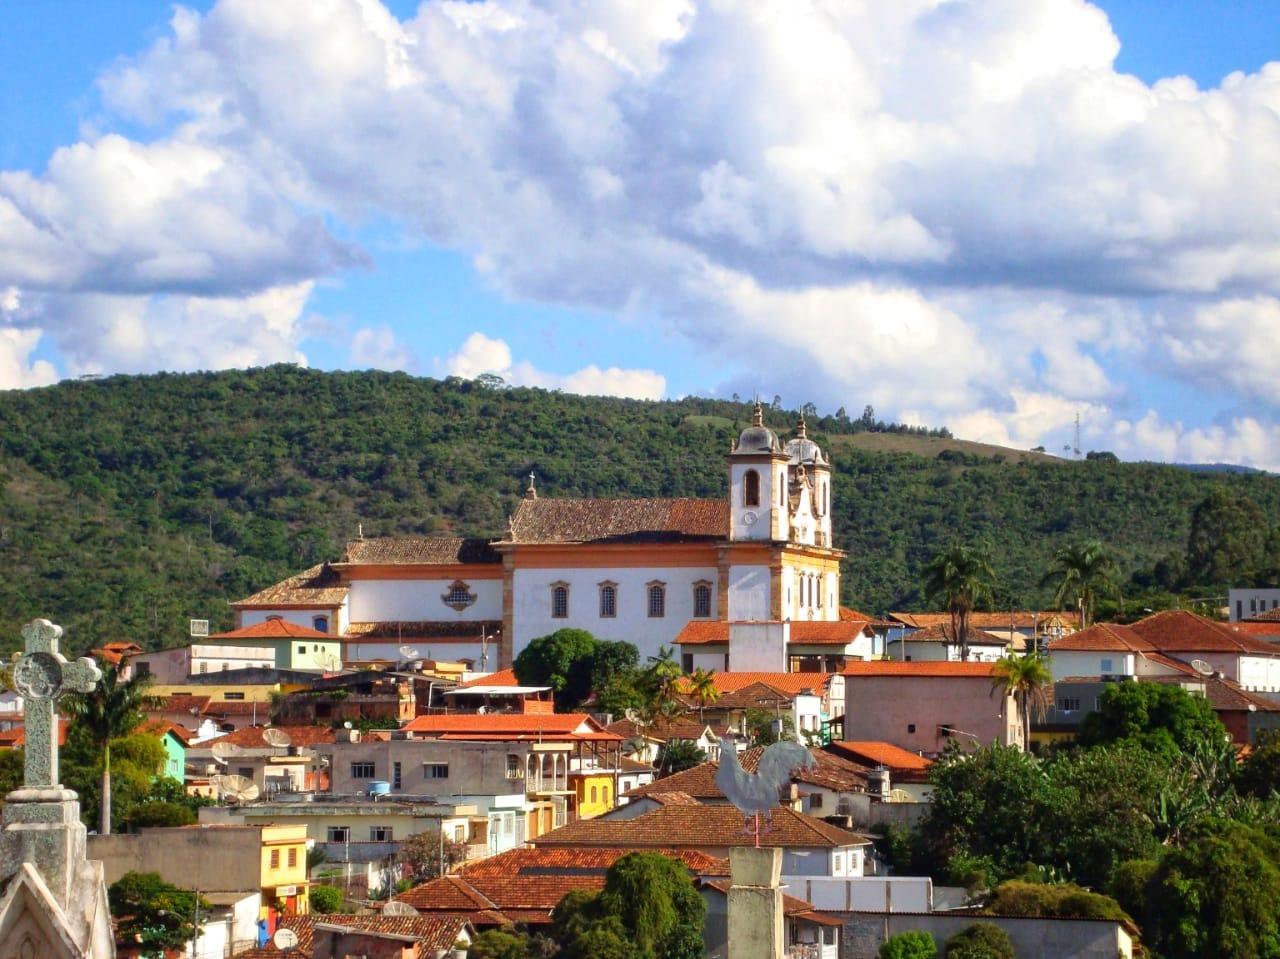 centro histórico Caeté - Estrada Real